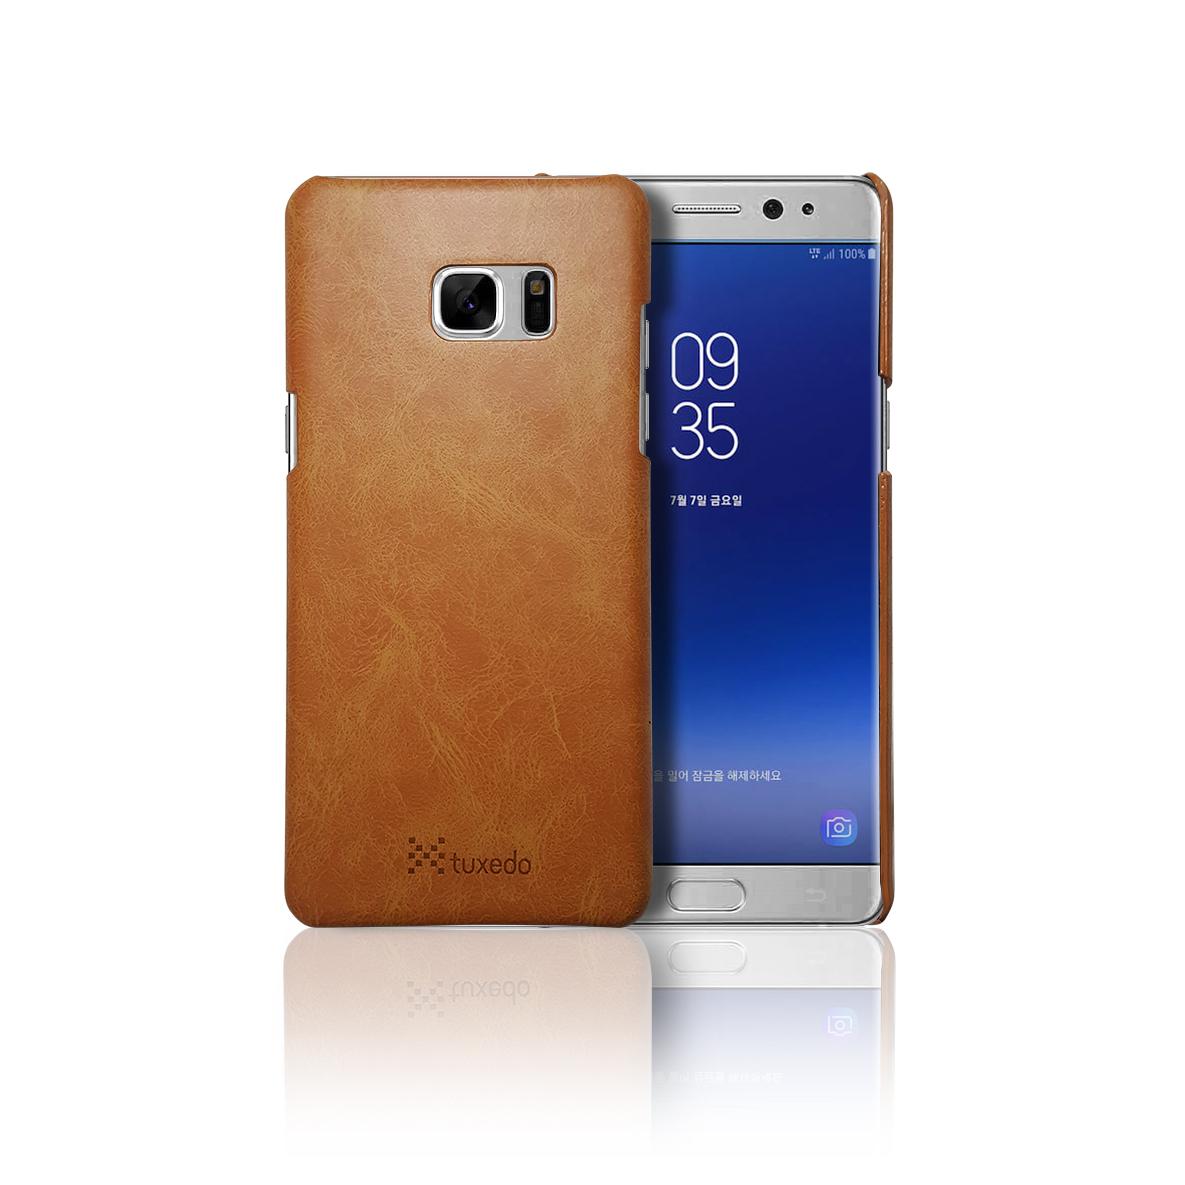 Ốp lưng da Samsung Galaxy Note FE Tuxedo, da PU cao cấp, cứng cáp, chống va đập, biến dạng